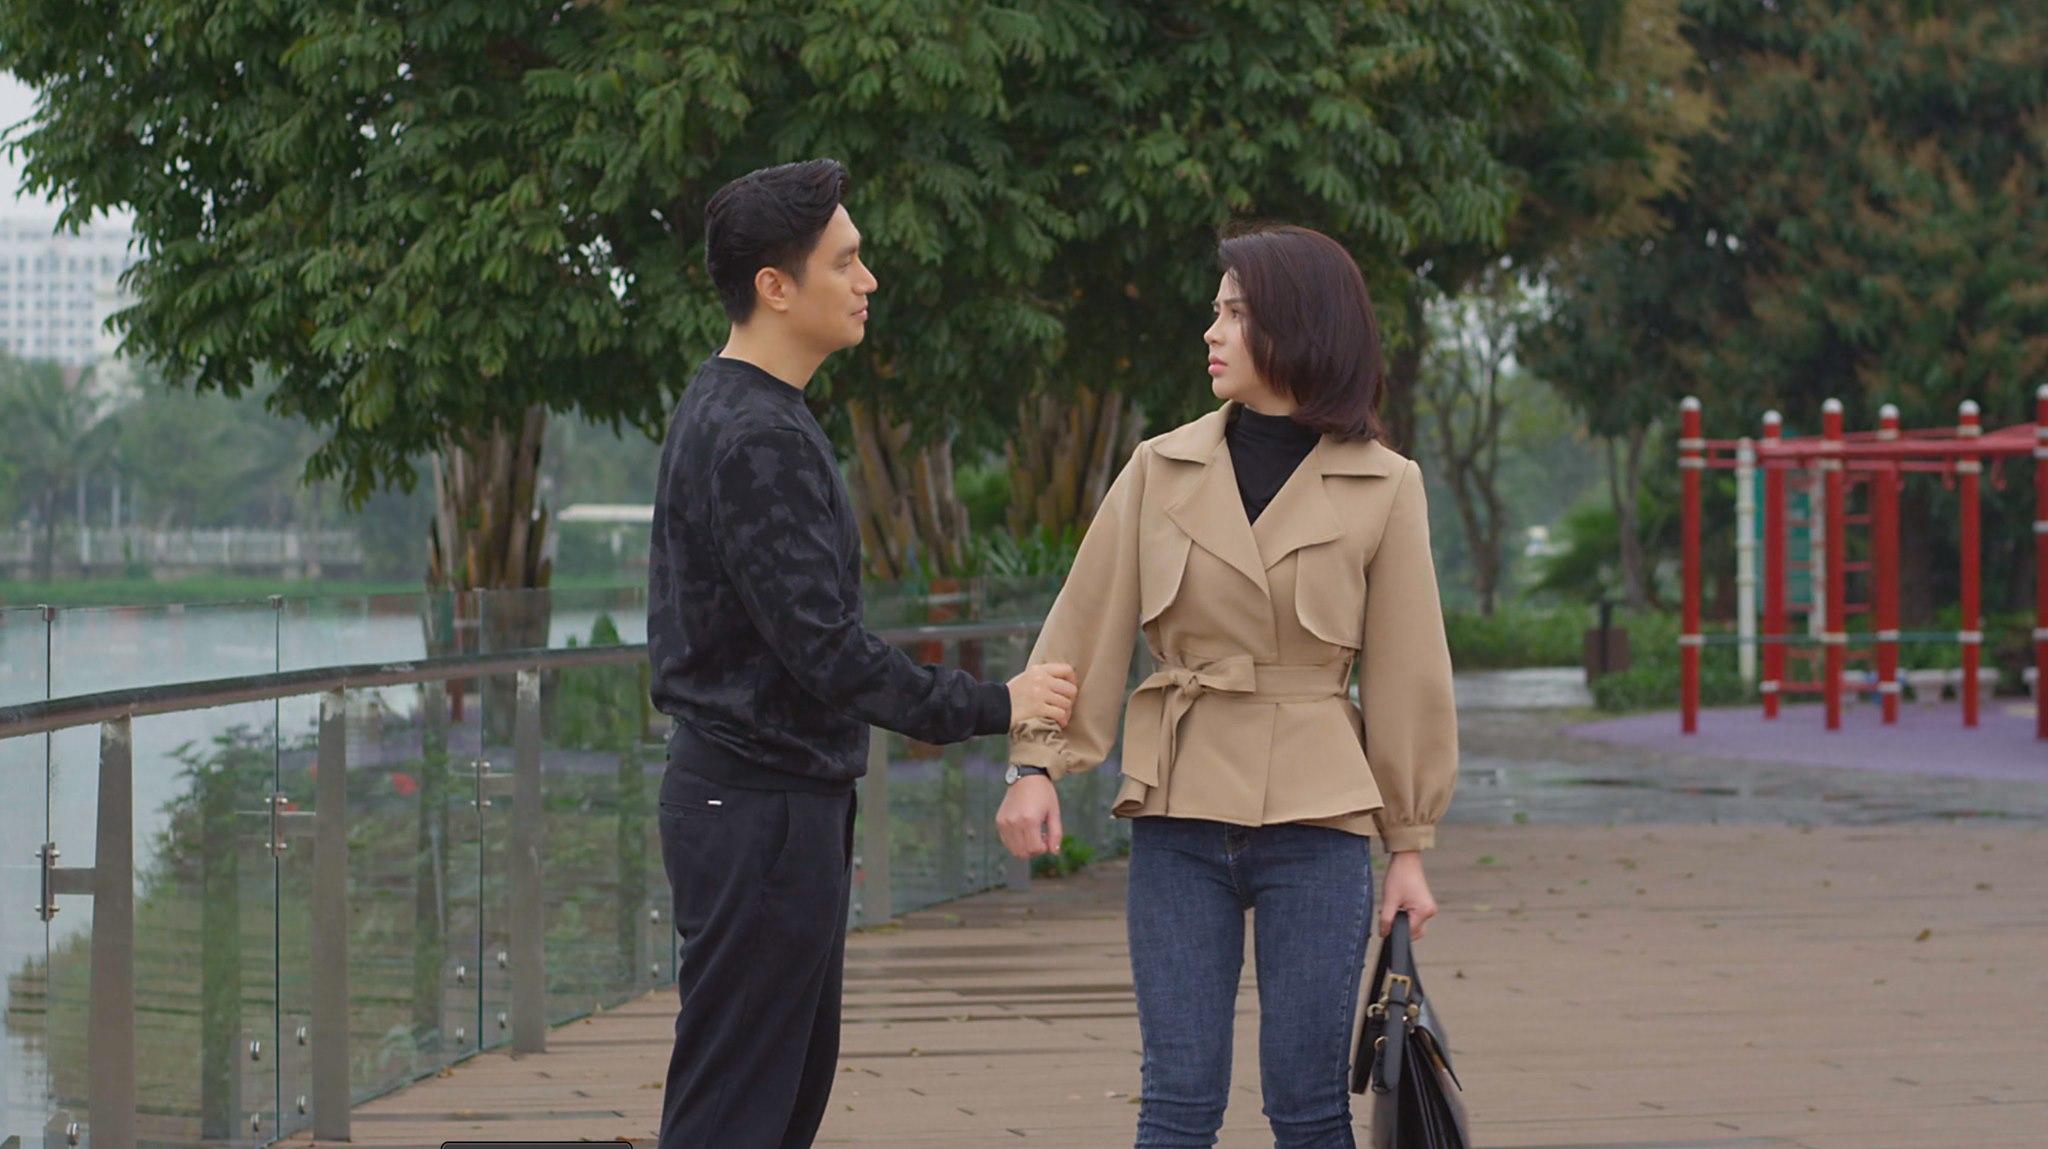 Lương Thu Trang nói về cảnh hôn với Việt Anh trong Hướng dương ngược nắng: Ý thức được ranh giới công việc và cảm xúc để tránh bị chi phối - Hình 1